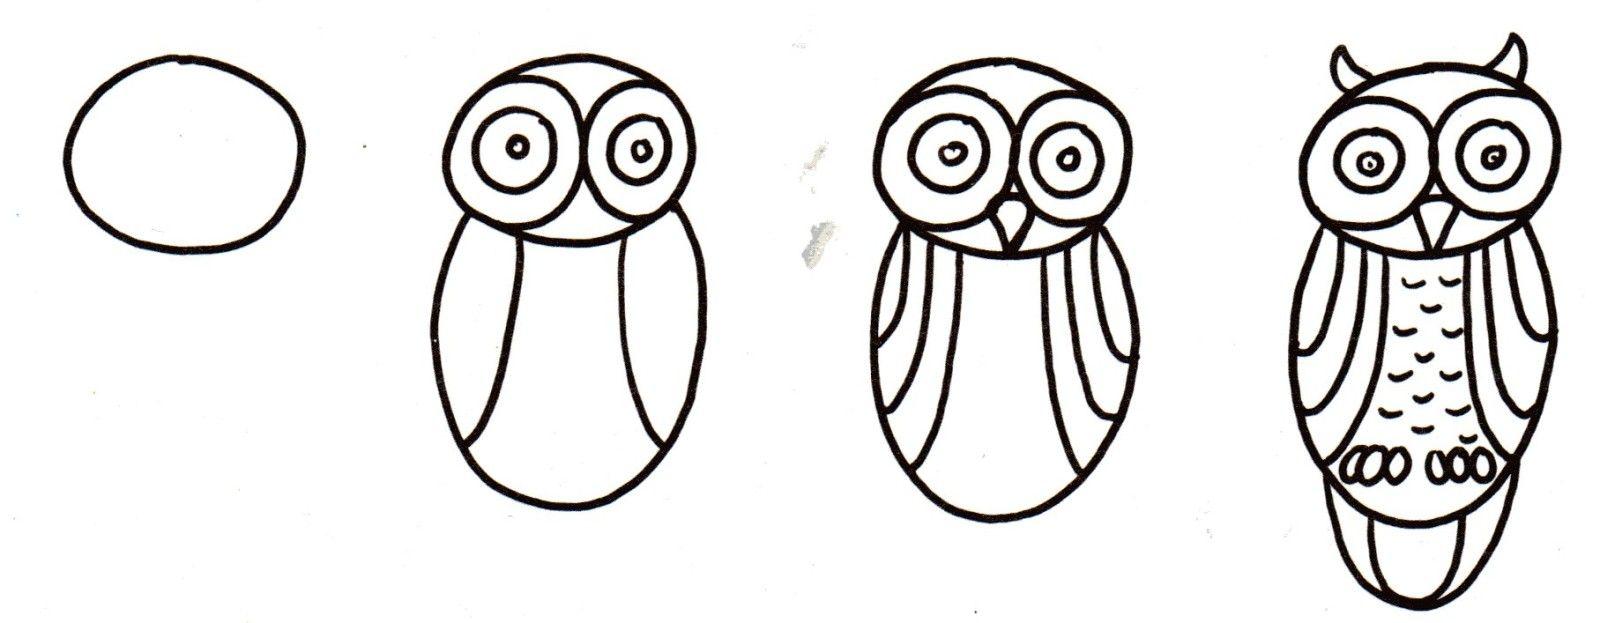 Le mercredi des enfants chouette le hibou cole pinterest dessin chouette et apprendre - Chouette a dessiner ...